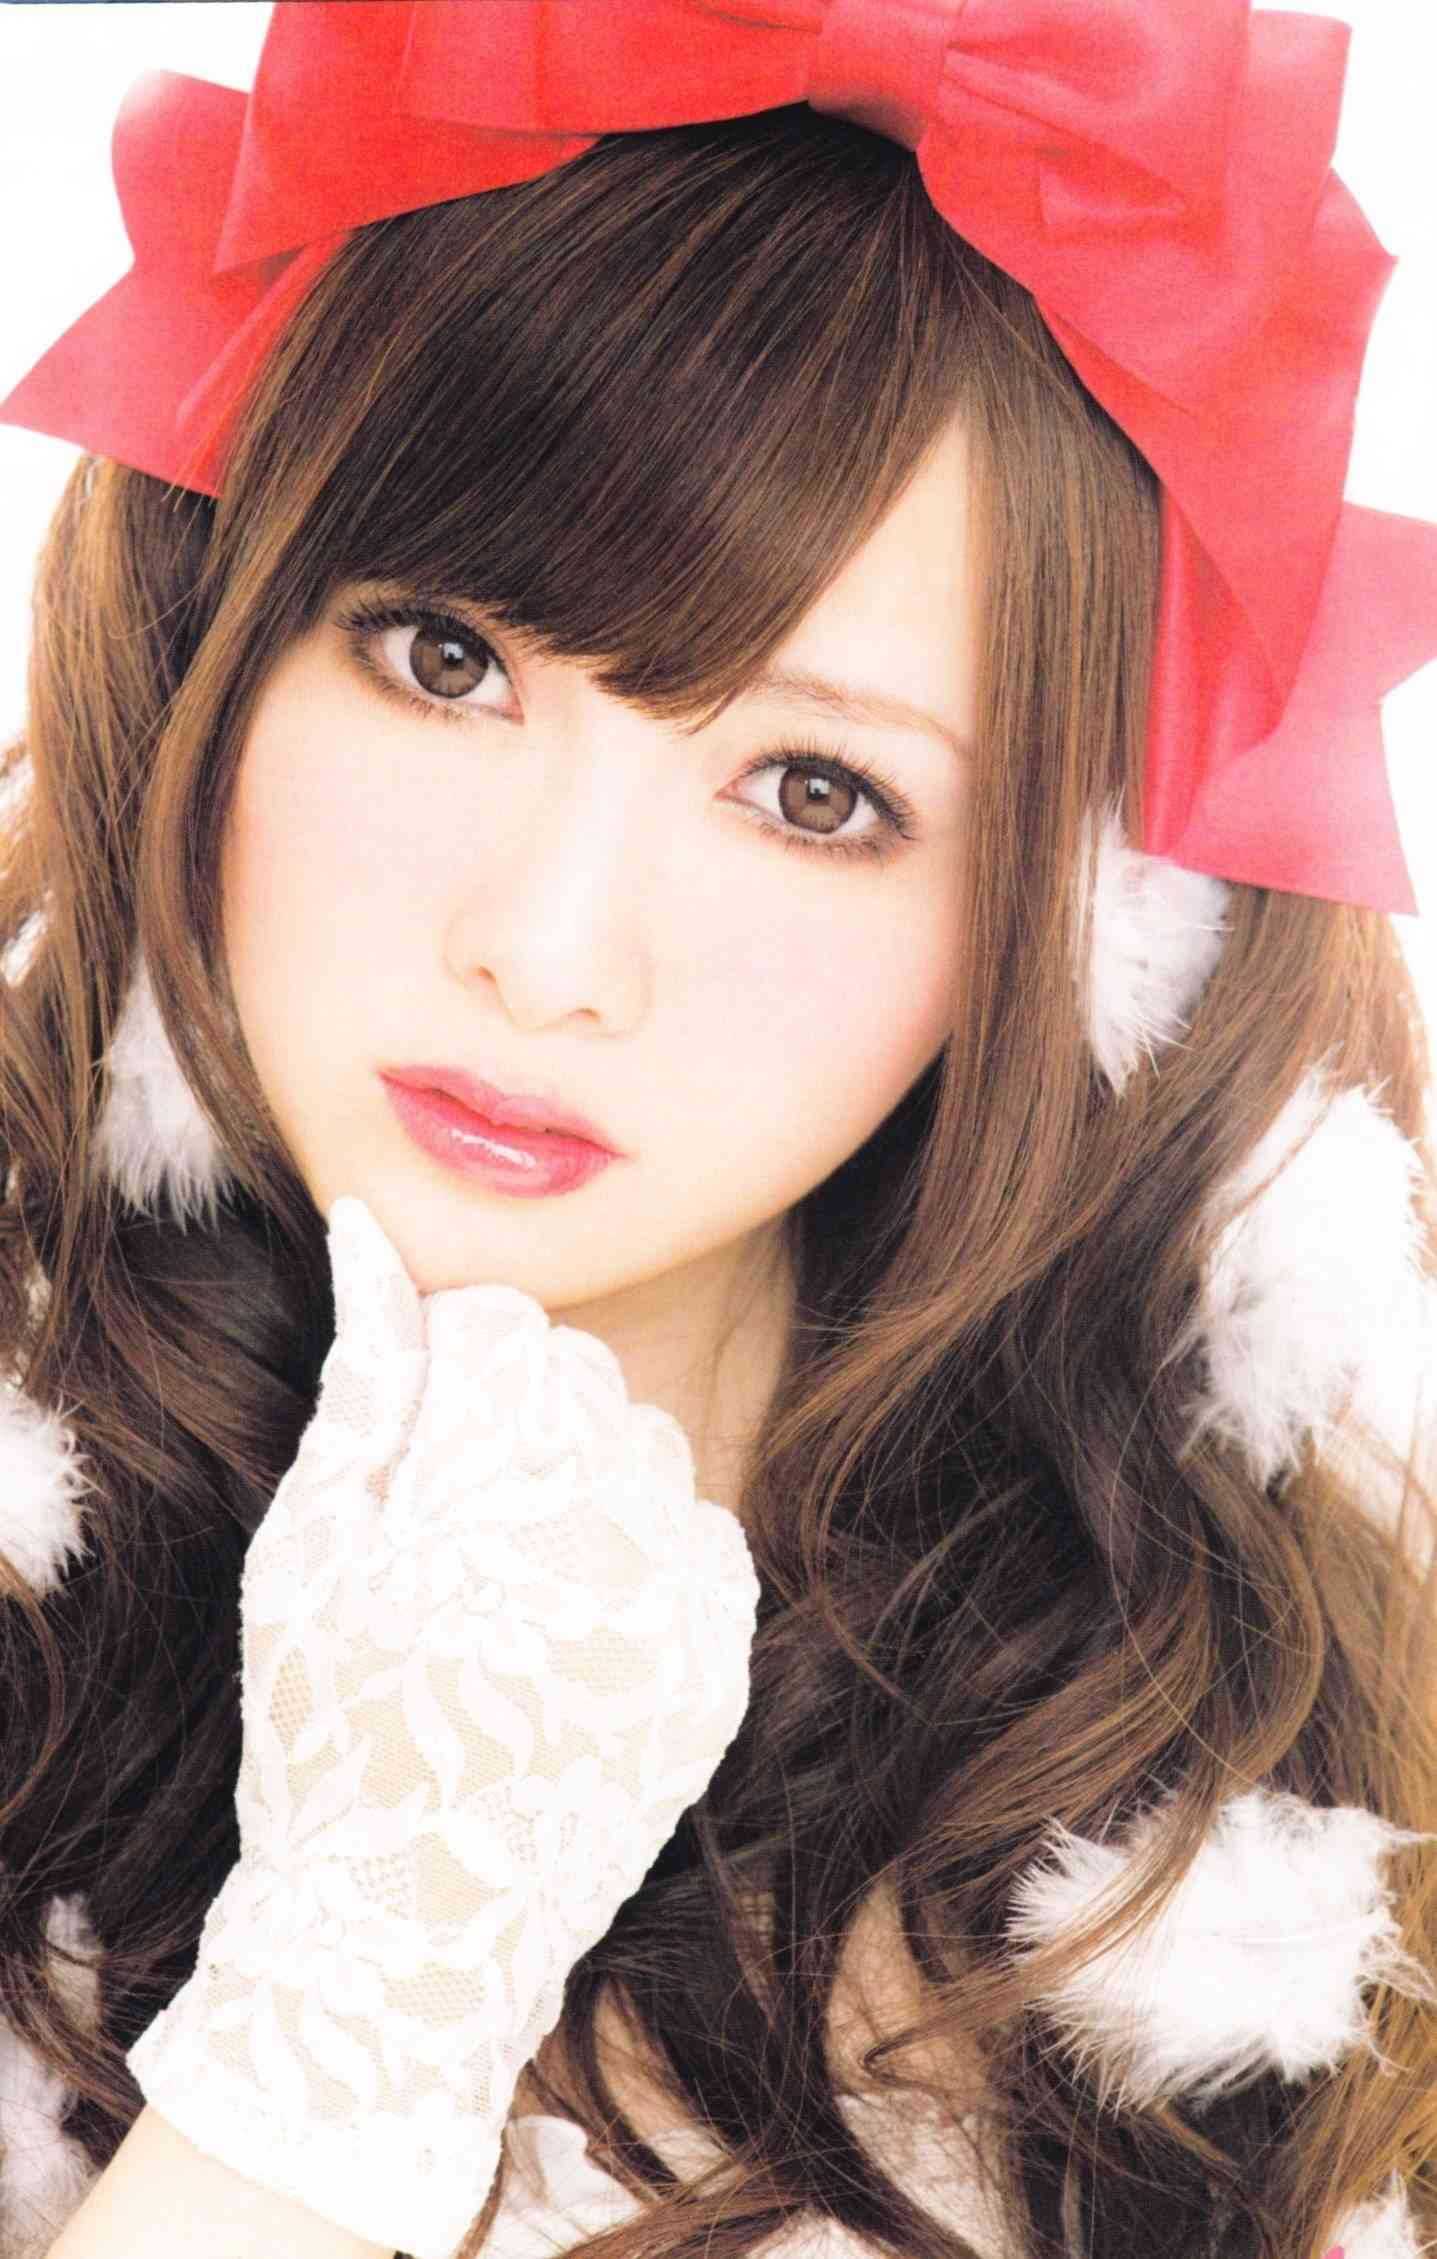 乃木坂46-白石麻衣は好かれる性格!バナナマンにいじられて赤面…のサムネイル画像